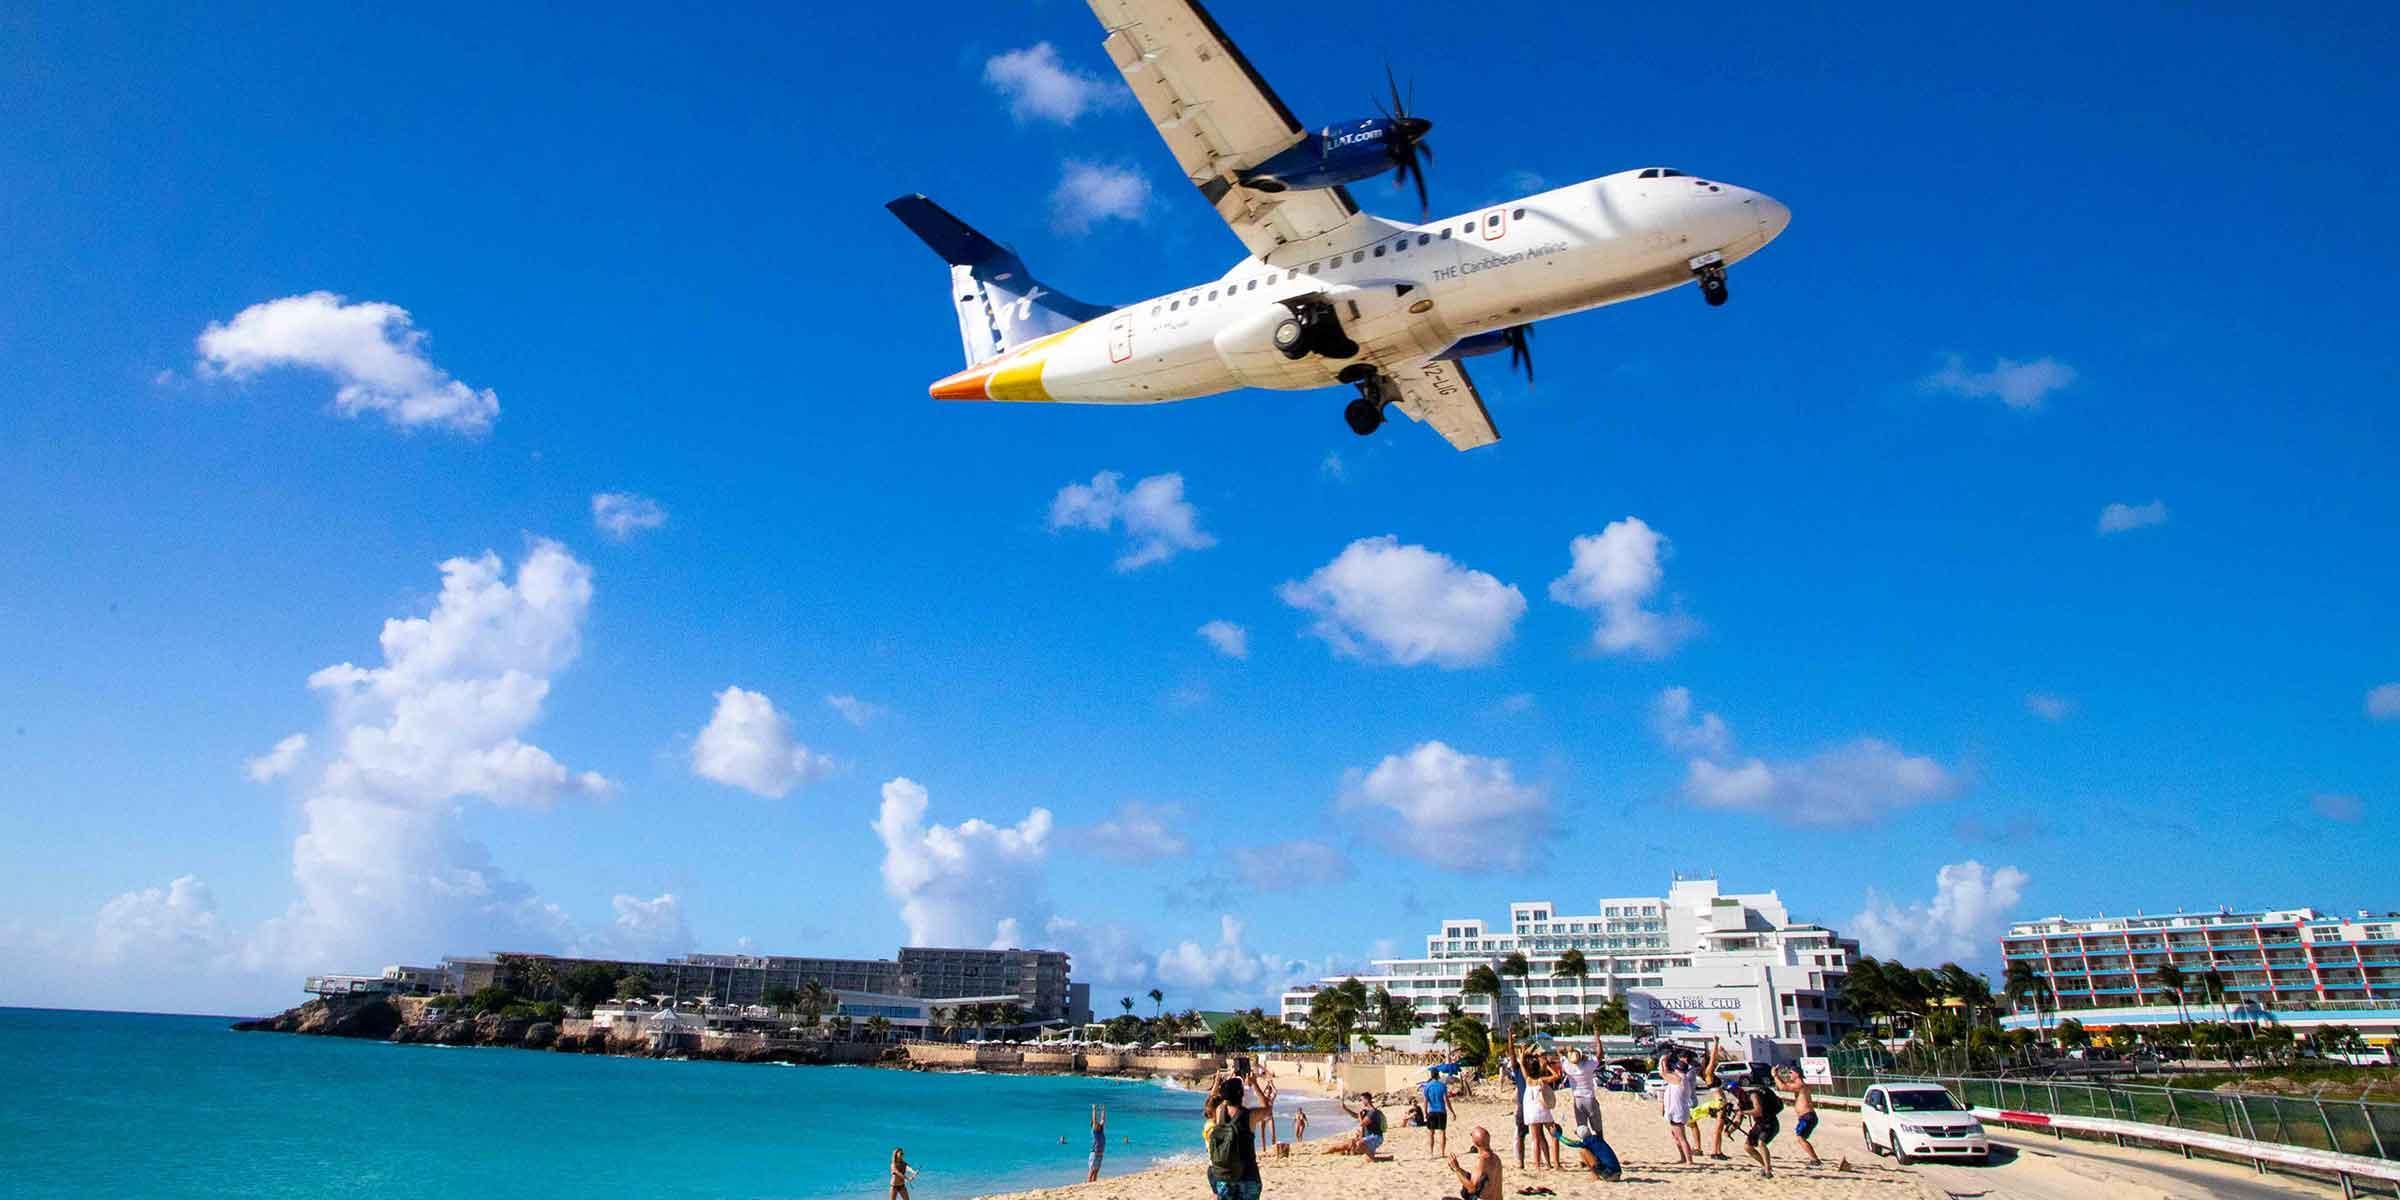 Flyover Experience at Maho Beach